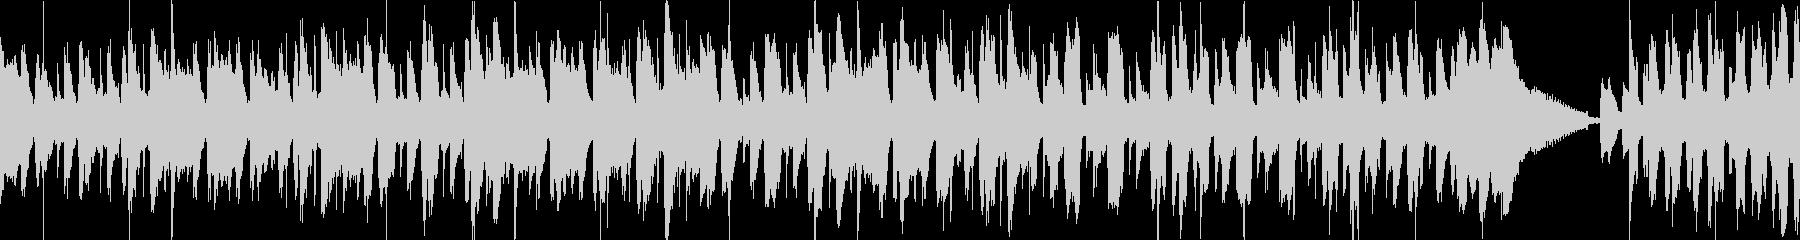 コミカル かわいい ループの未再生の波形